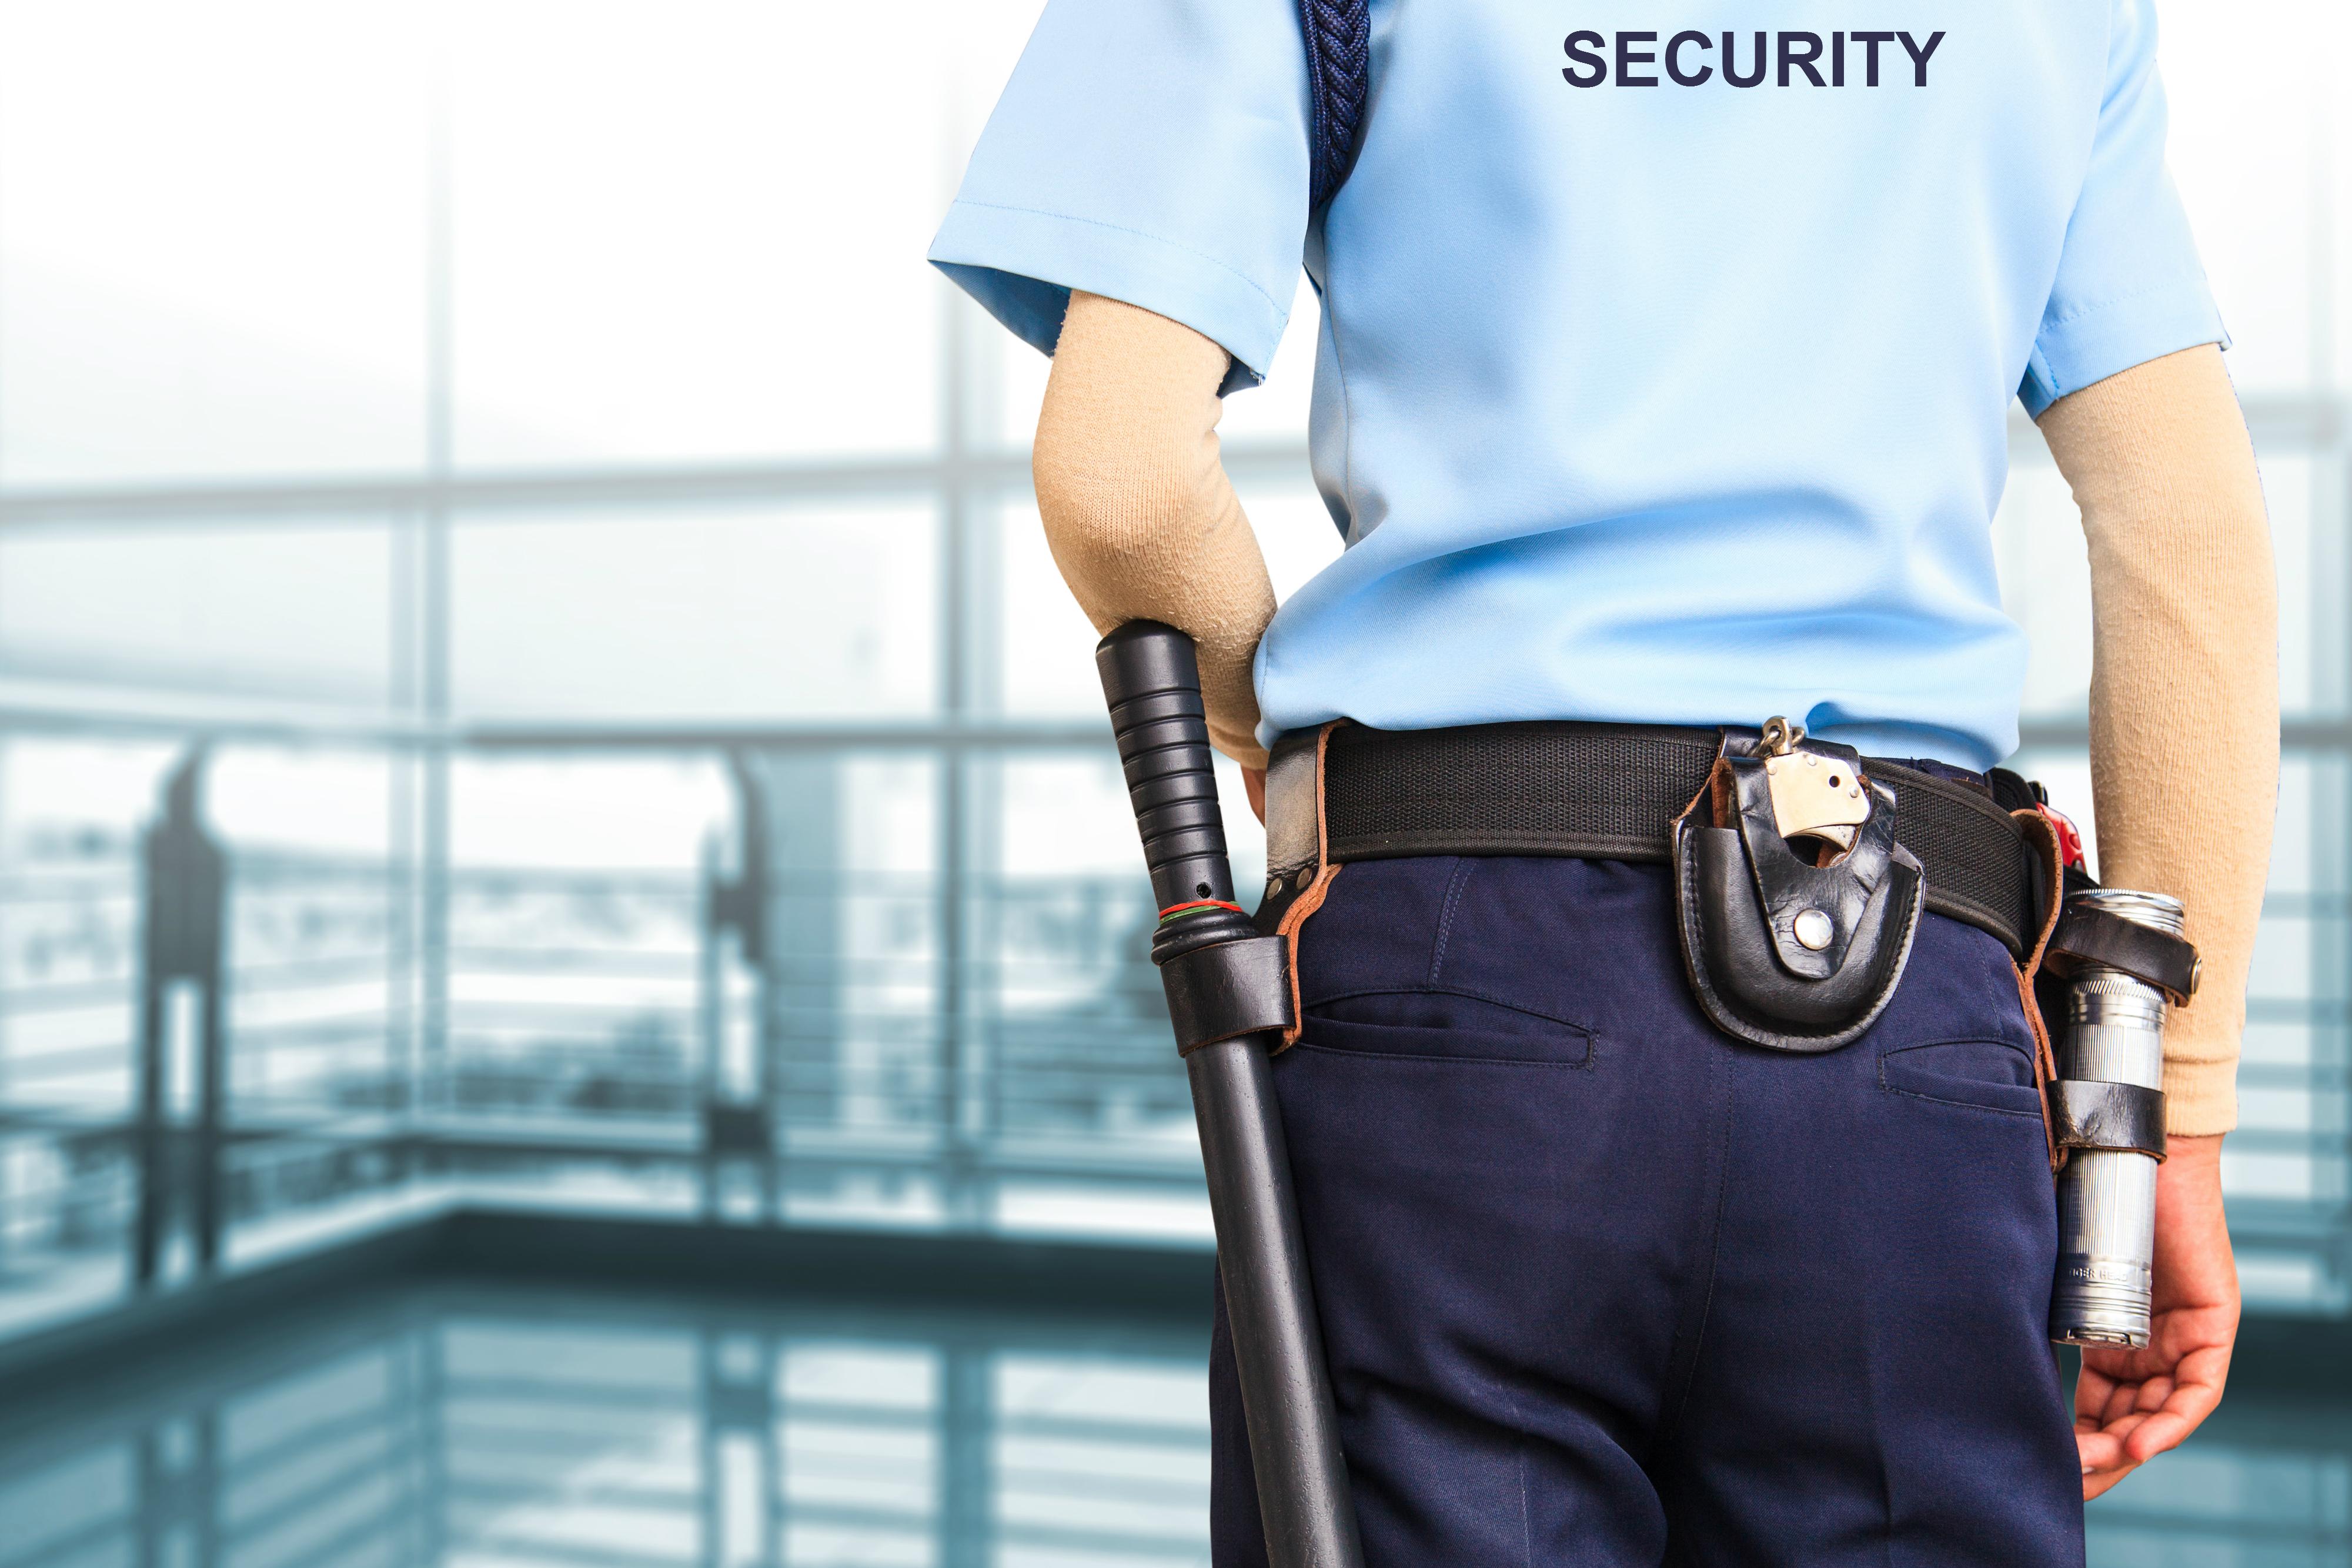 Strážna služba – cena vám o firme prezradí viac, ako si myslíte